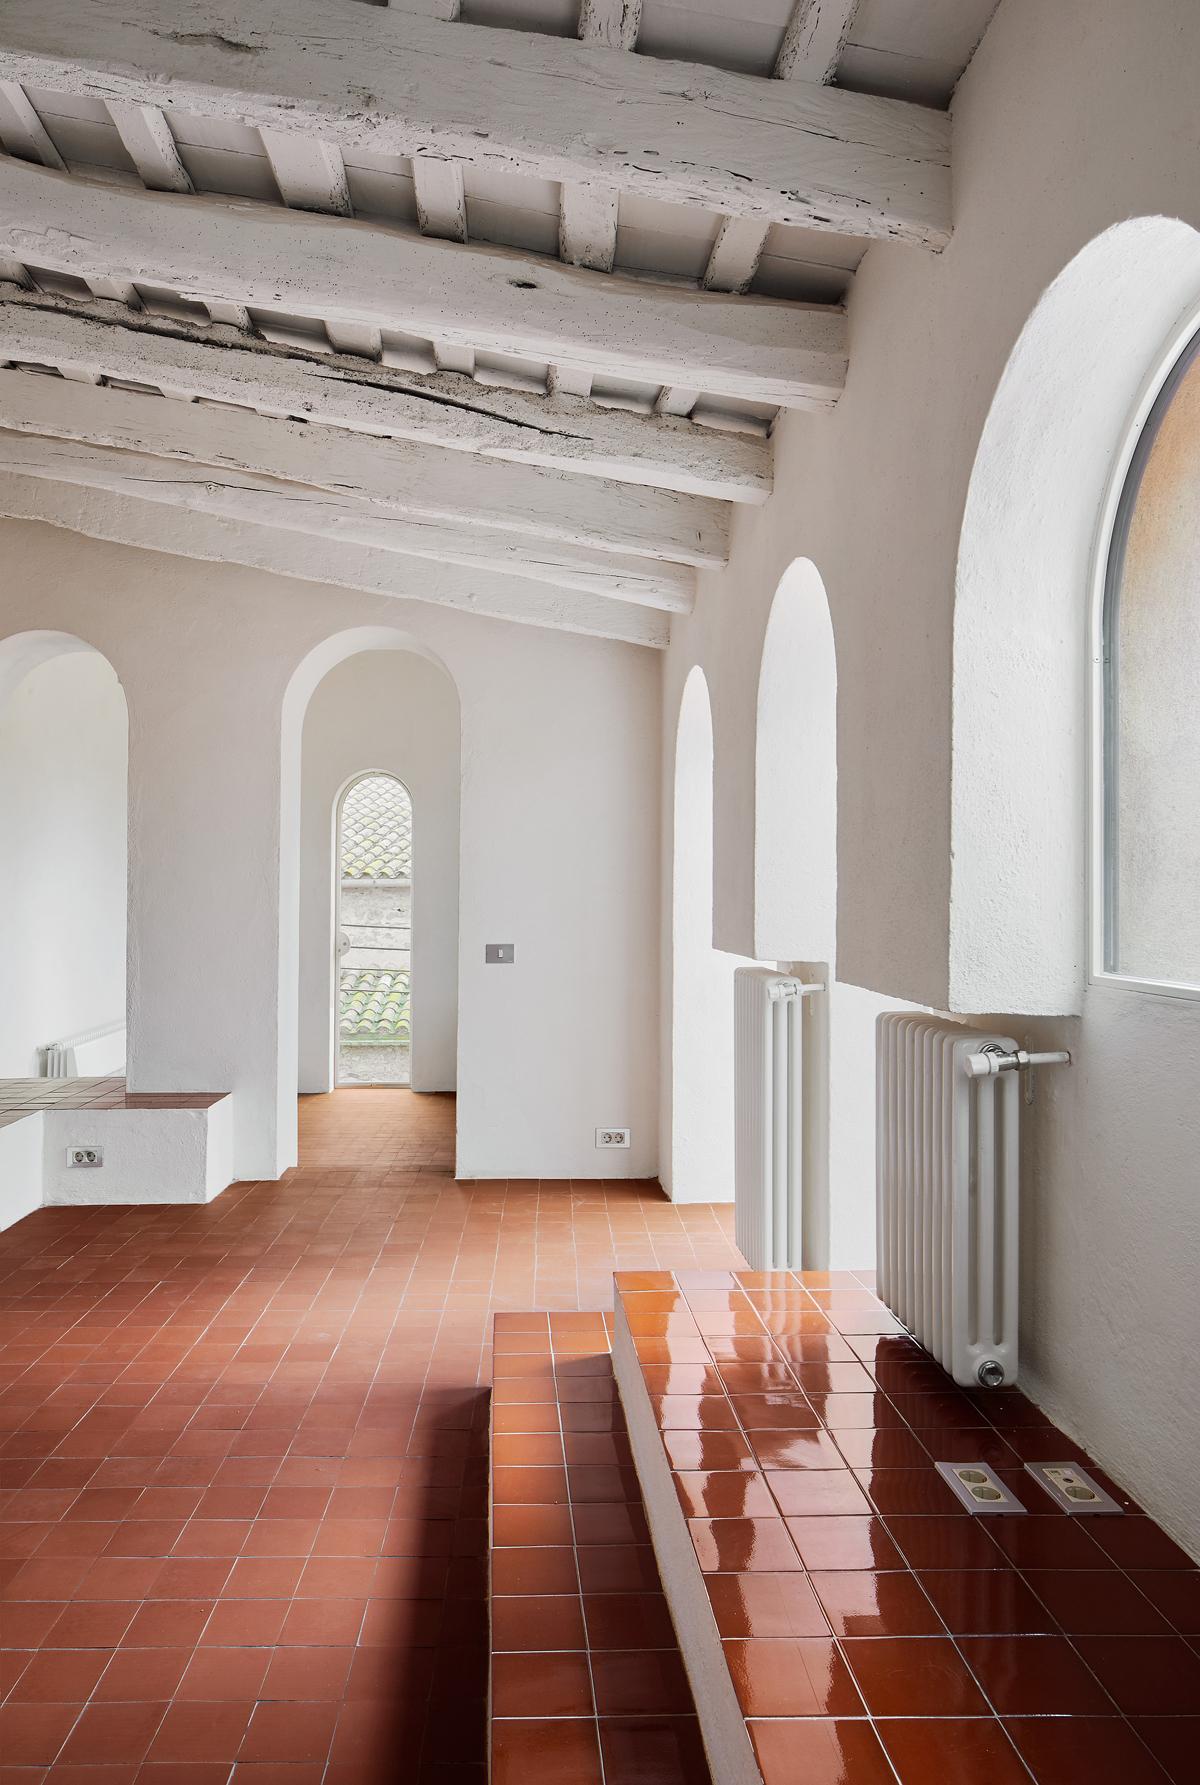 Arquitectura g reforma de una vivienda en la tallada girona hic arquitectura - Arquitectura girona ...